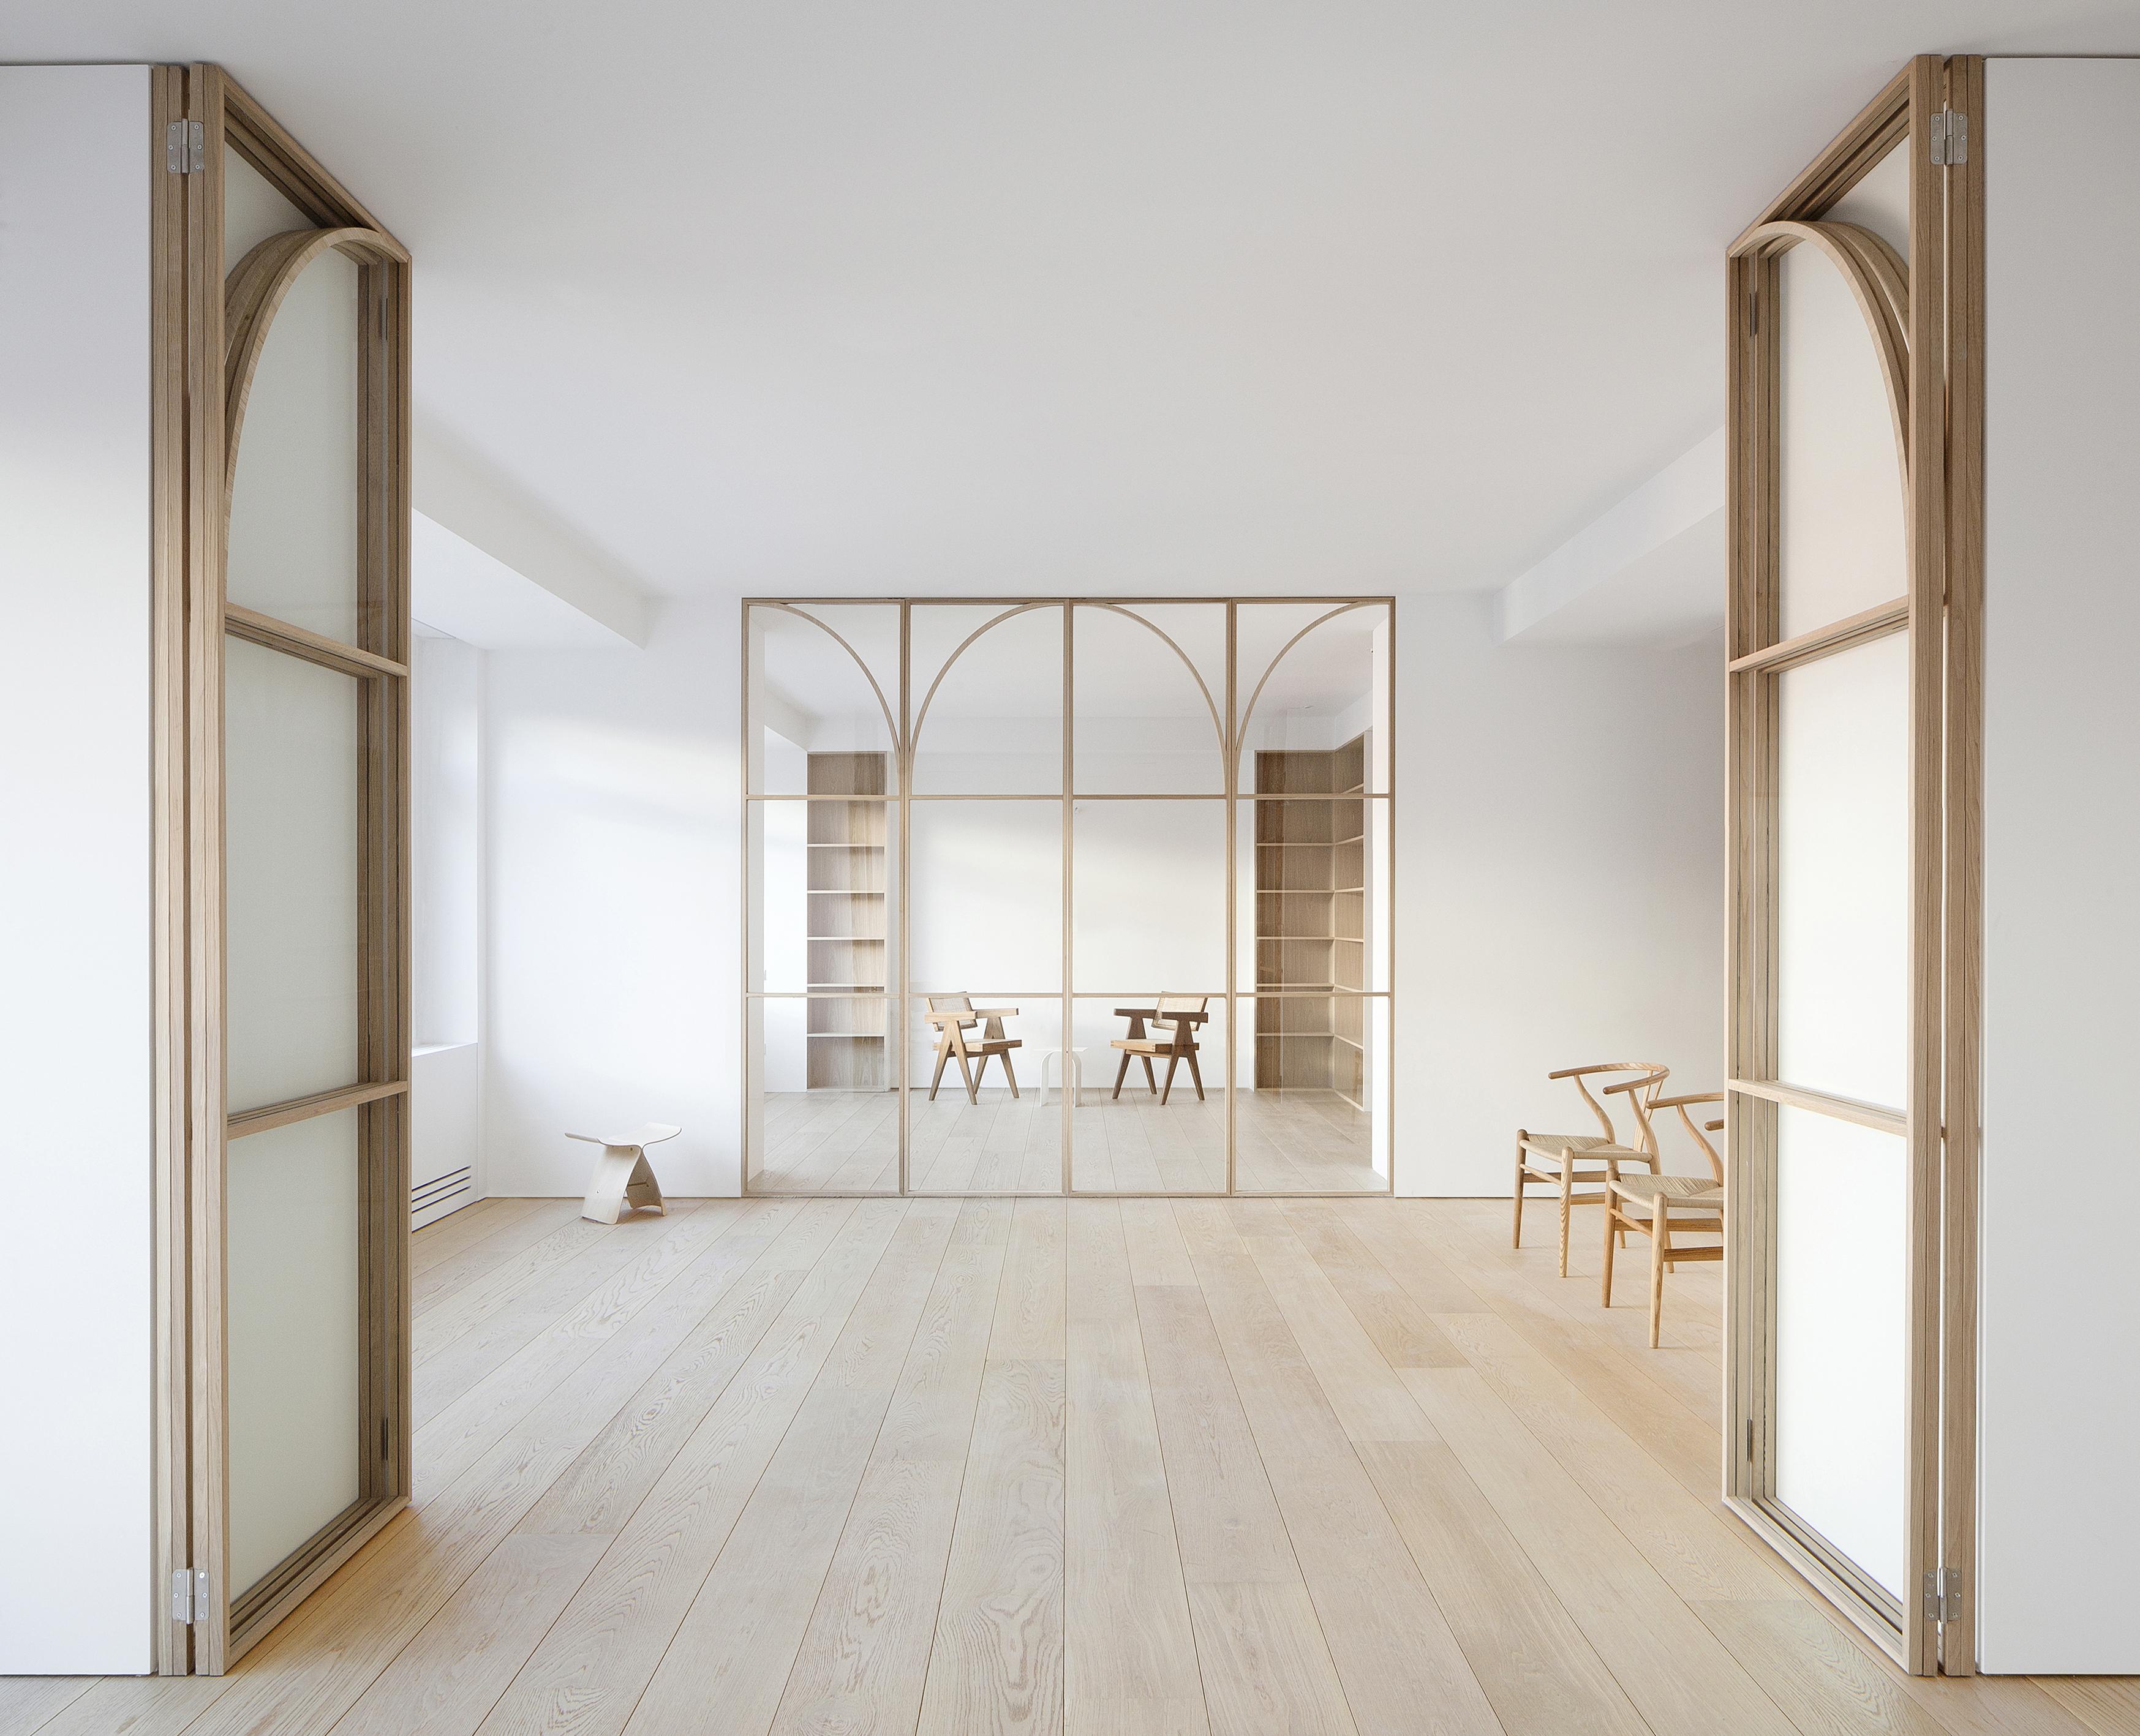 arquitectura en madrid Arquitectura en Madrid: BETAØ una empresa con proyectos lujuosos 02UhouseDef